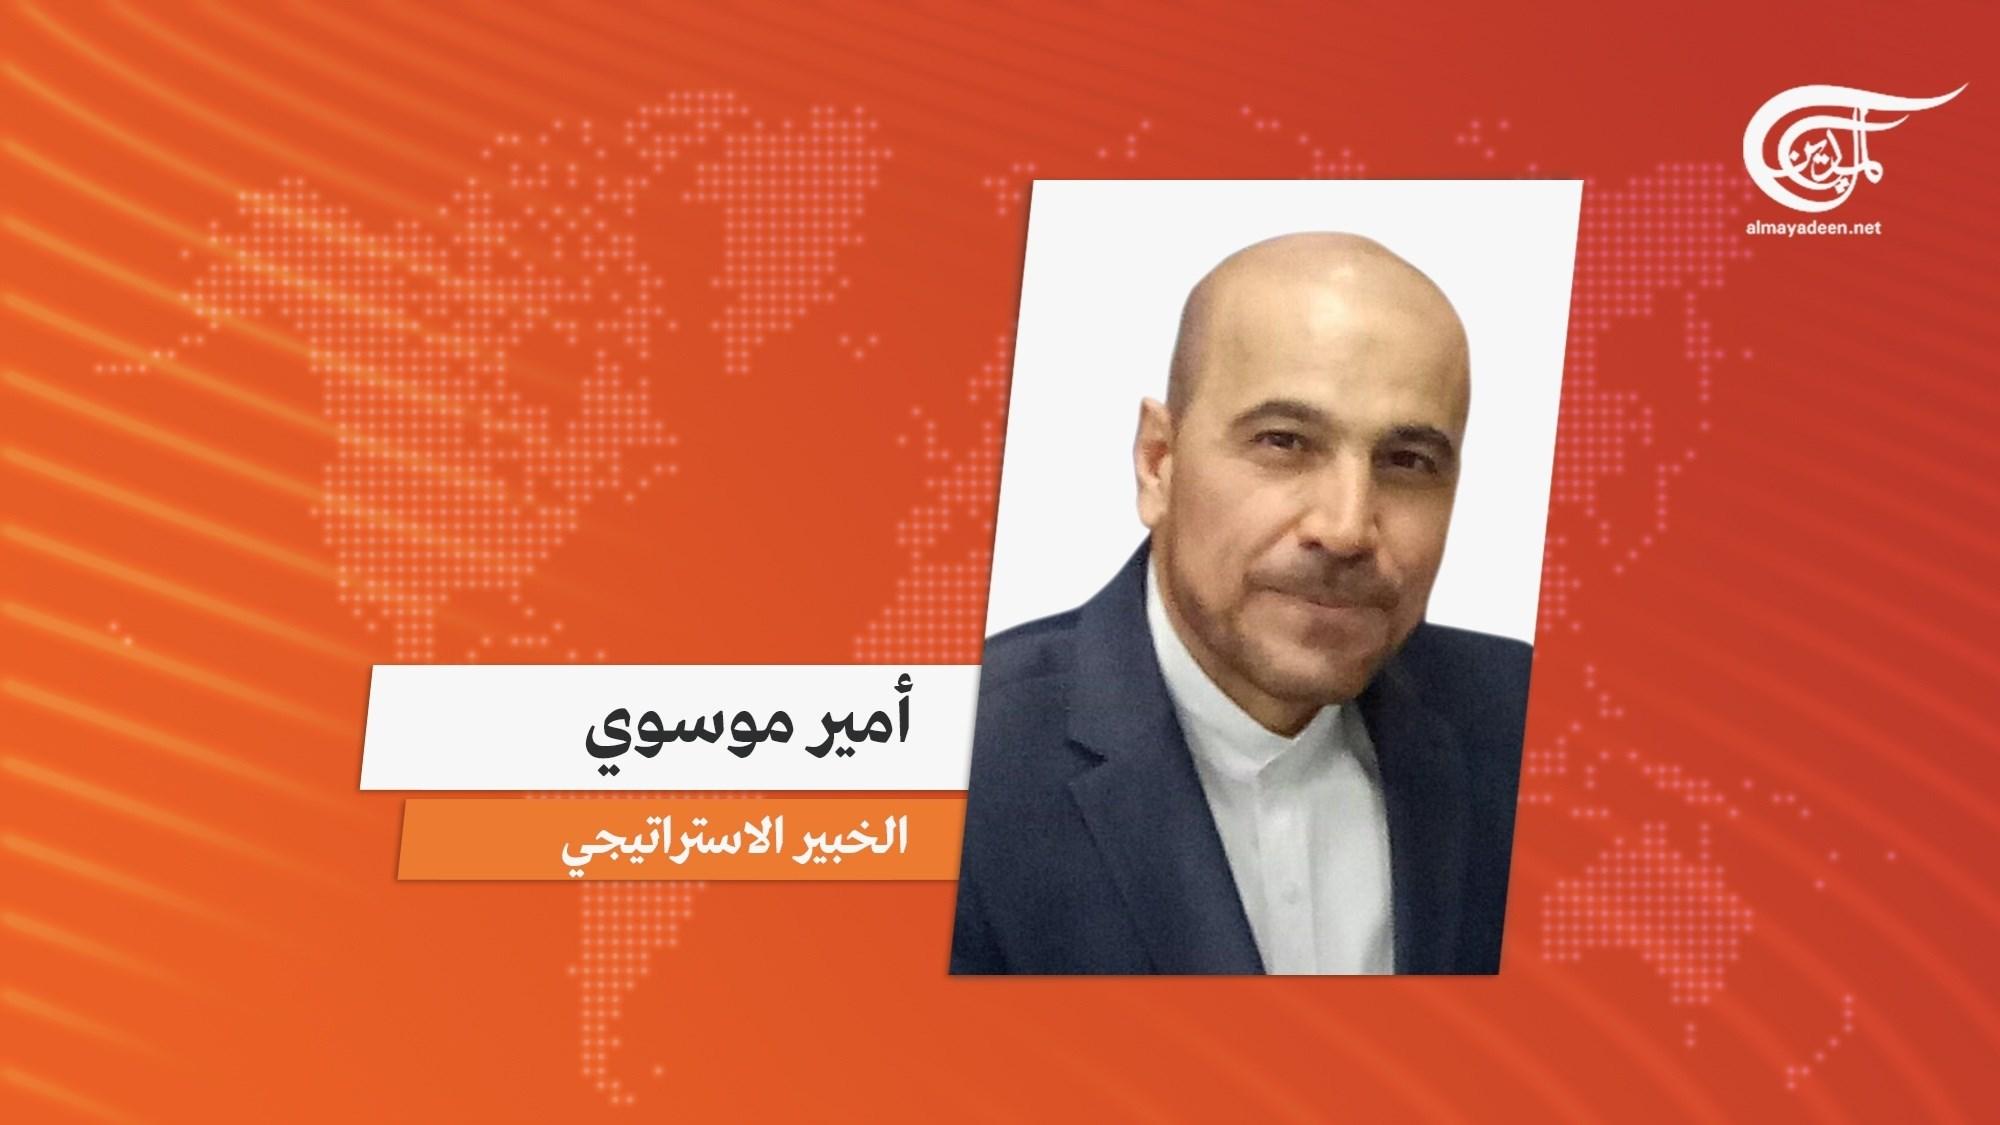 موسوي للميادين: هذه المرة إيران لن تسكت إذا ما ثبتت التهم ولكنها لن تستعجل وتنتظر التحقيقات